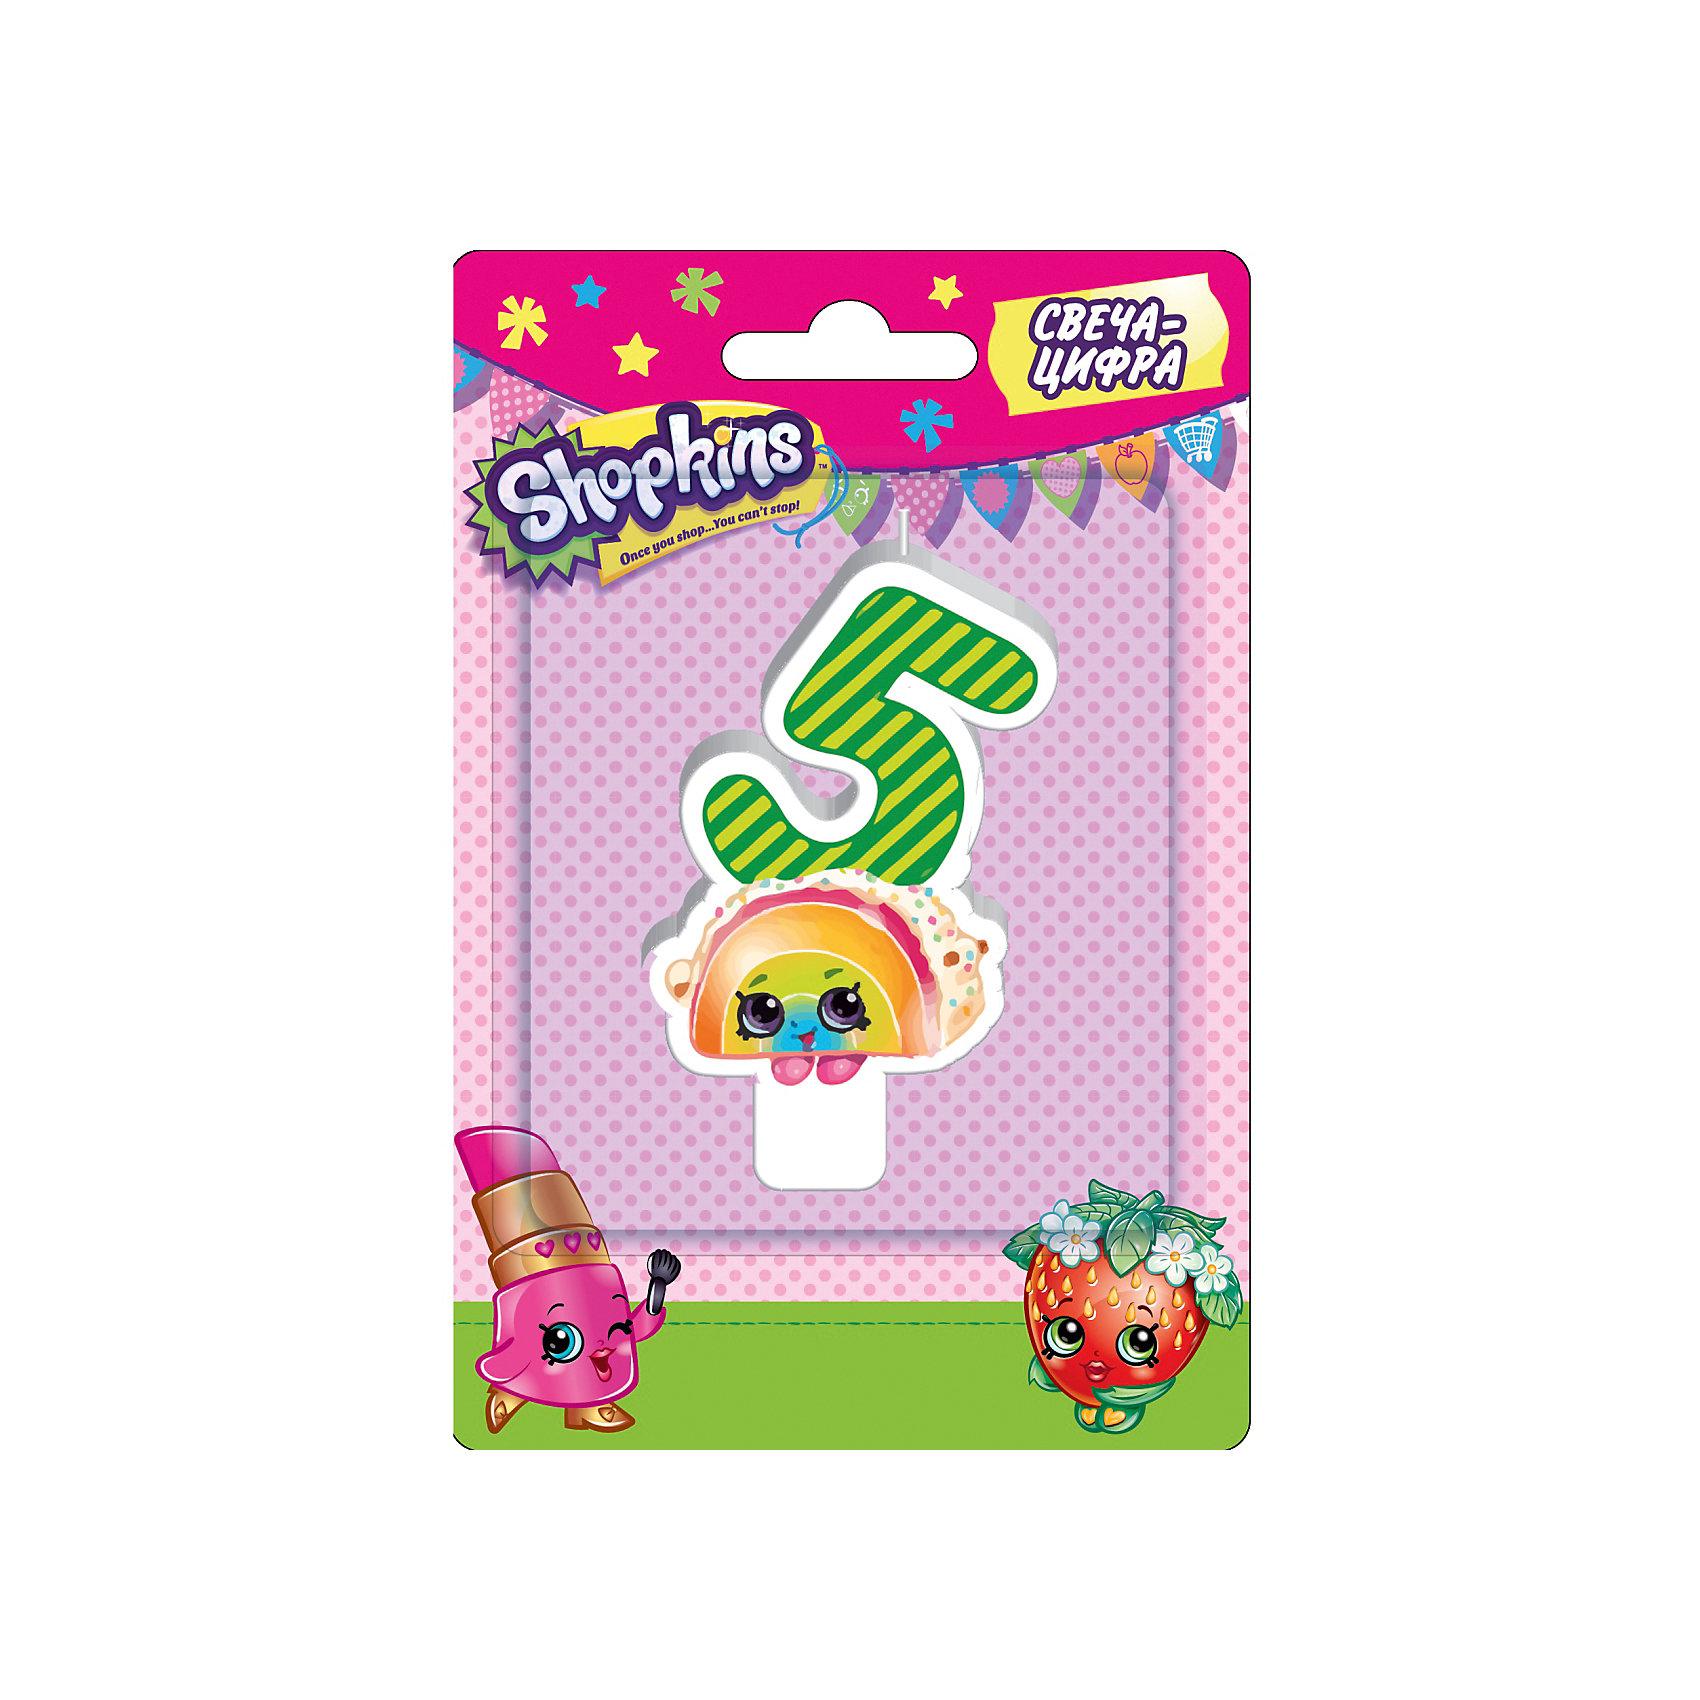 Свеча-цифра 5, 8 см, ShopkinsВсё для праздника<br>Характеристики товара:<br><br>• размер: 8 см<br>• состав: стеарин<br>• упаковка: блистер<br>• страна бренда: Россия<br>• страна изготовитель: Китай<br><br>Очаровательная фигурная свеча Цифра 5 с изображением одной из коллекционных игрушек Shopkins мило украсит праздничный тортик в честь дня рождения малютки. Высота свечи из стеарина: 8 см. <br><br>Свечу-цифру 5, 8 см, Shopkins, вы можете приобрести в нашем интернет-магазине.<br><br>Ширина мм: 150<br>Глубина мм: 100<br>Высота мм: 70<br>Вес г: 40<br>Возраст от месяцев: 36<br>Возраст до месяцев: 2147483647<br>Пол: Женский<br>Возраст: Детский<br>SKU: 5453520